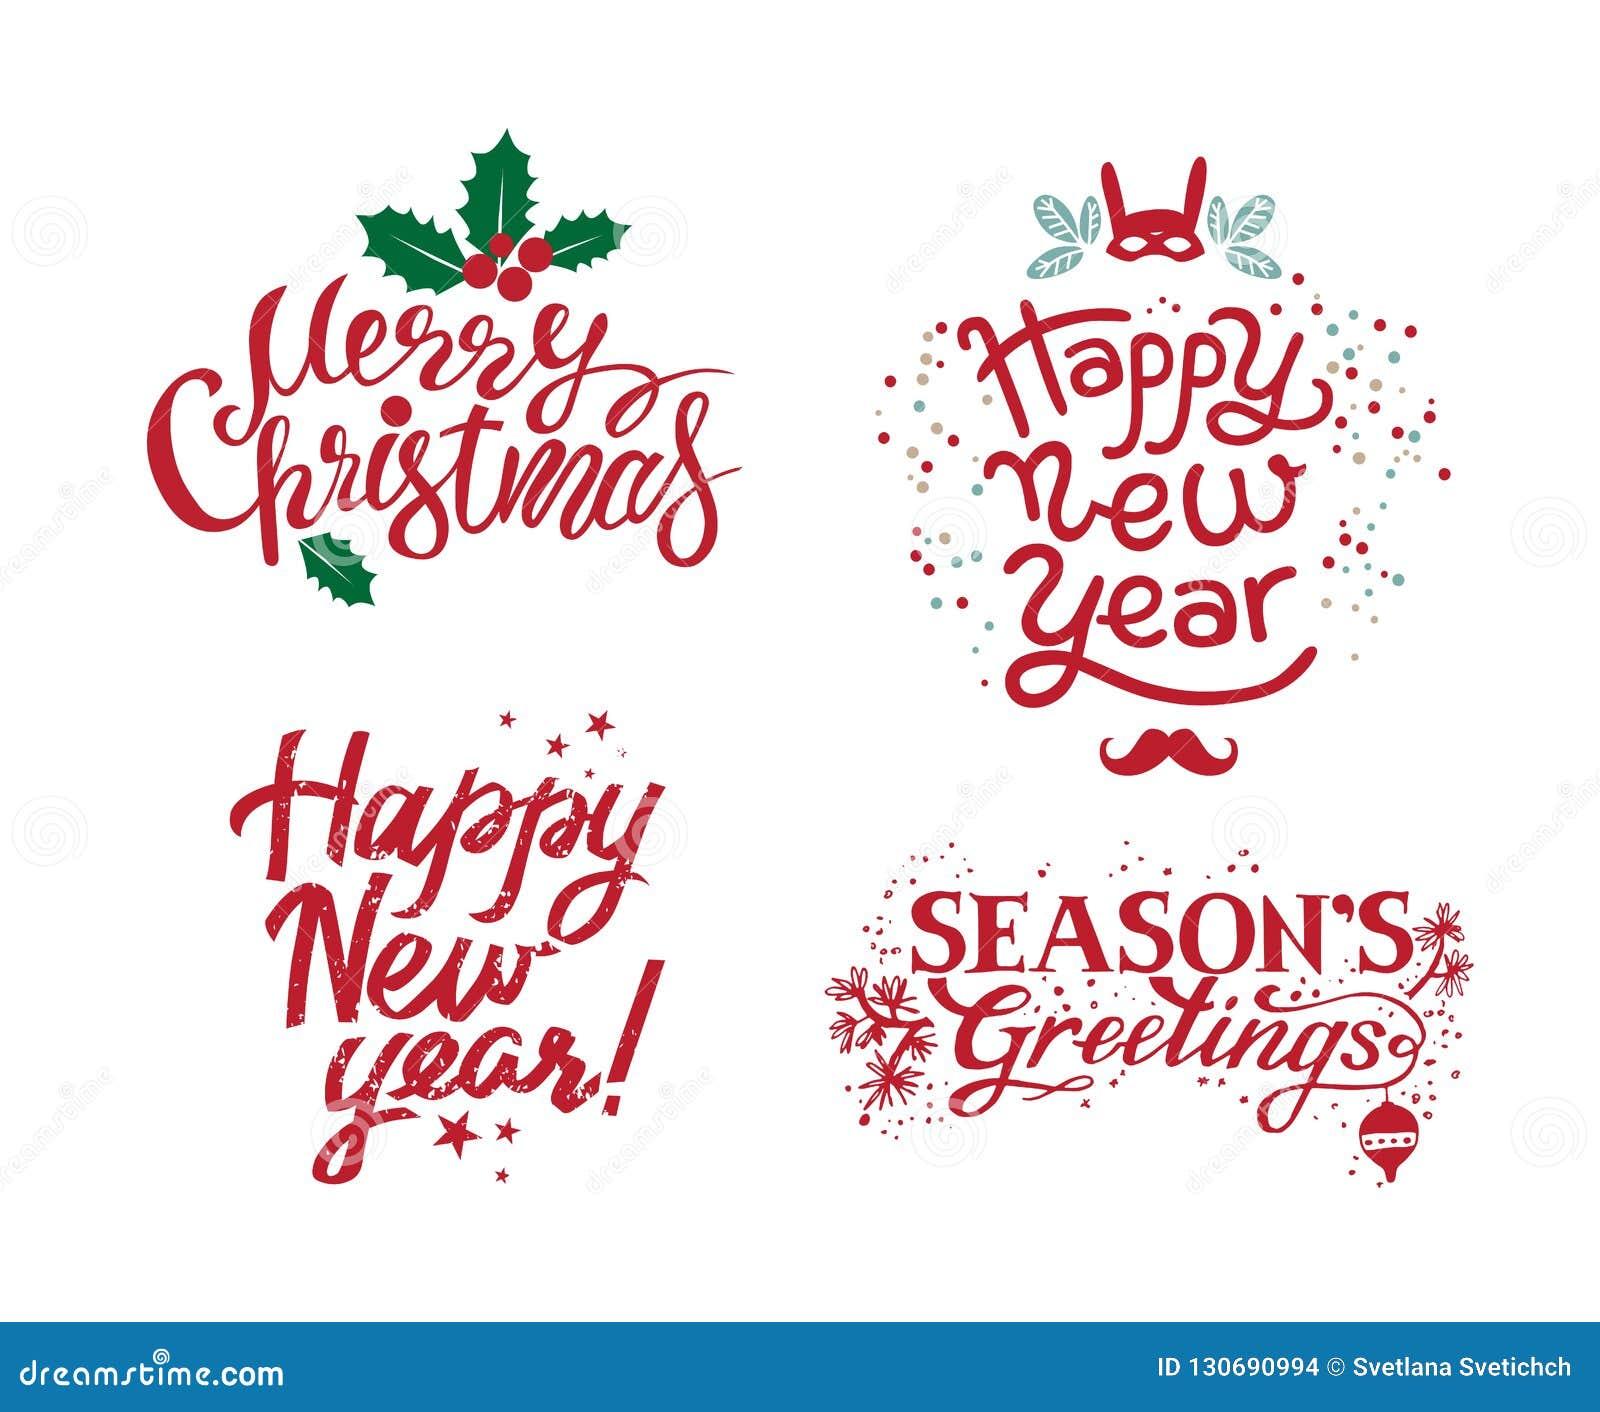 Веселое рождество, приветствия сезонов, С Новым Годом!